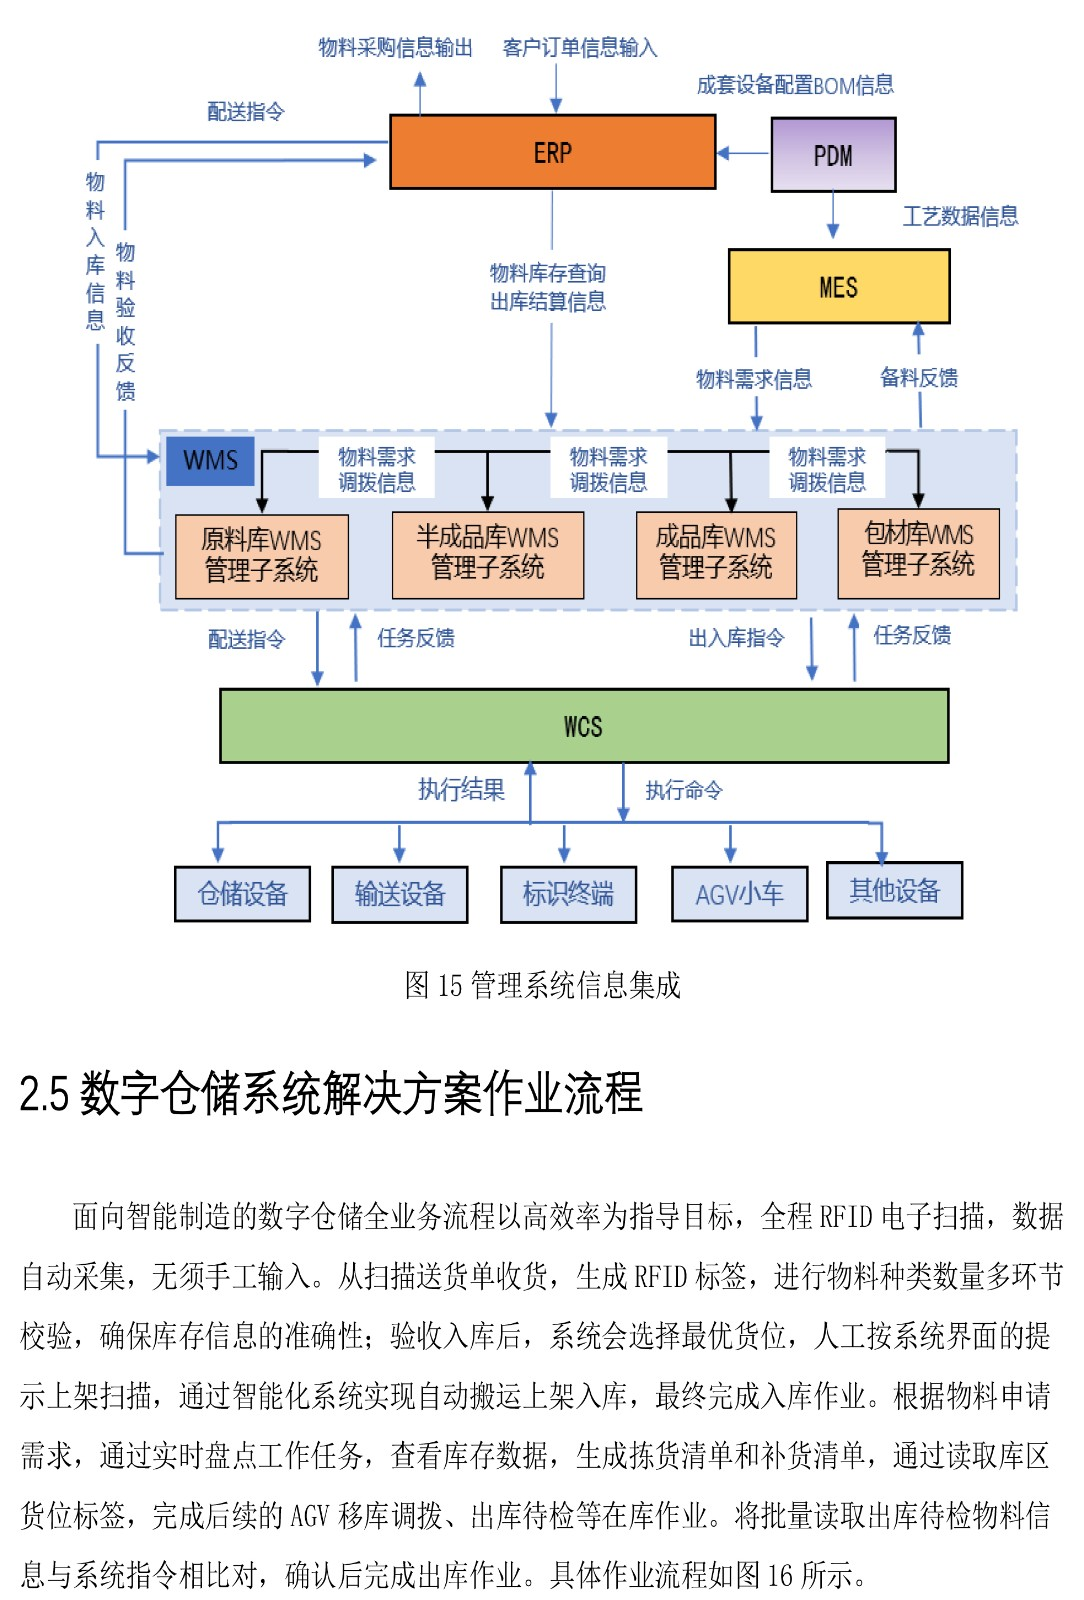 面向智能制造的数字仓储系统解决方案-白皮书V2-13 拷贝.jpg